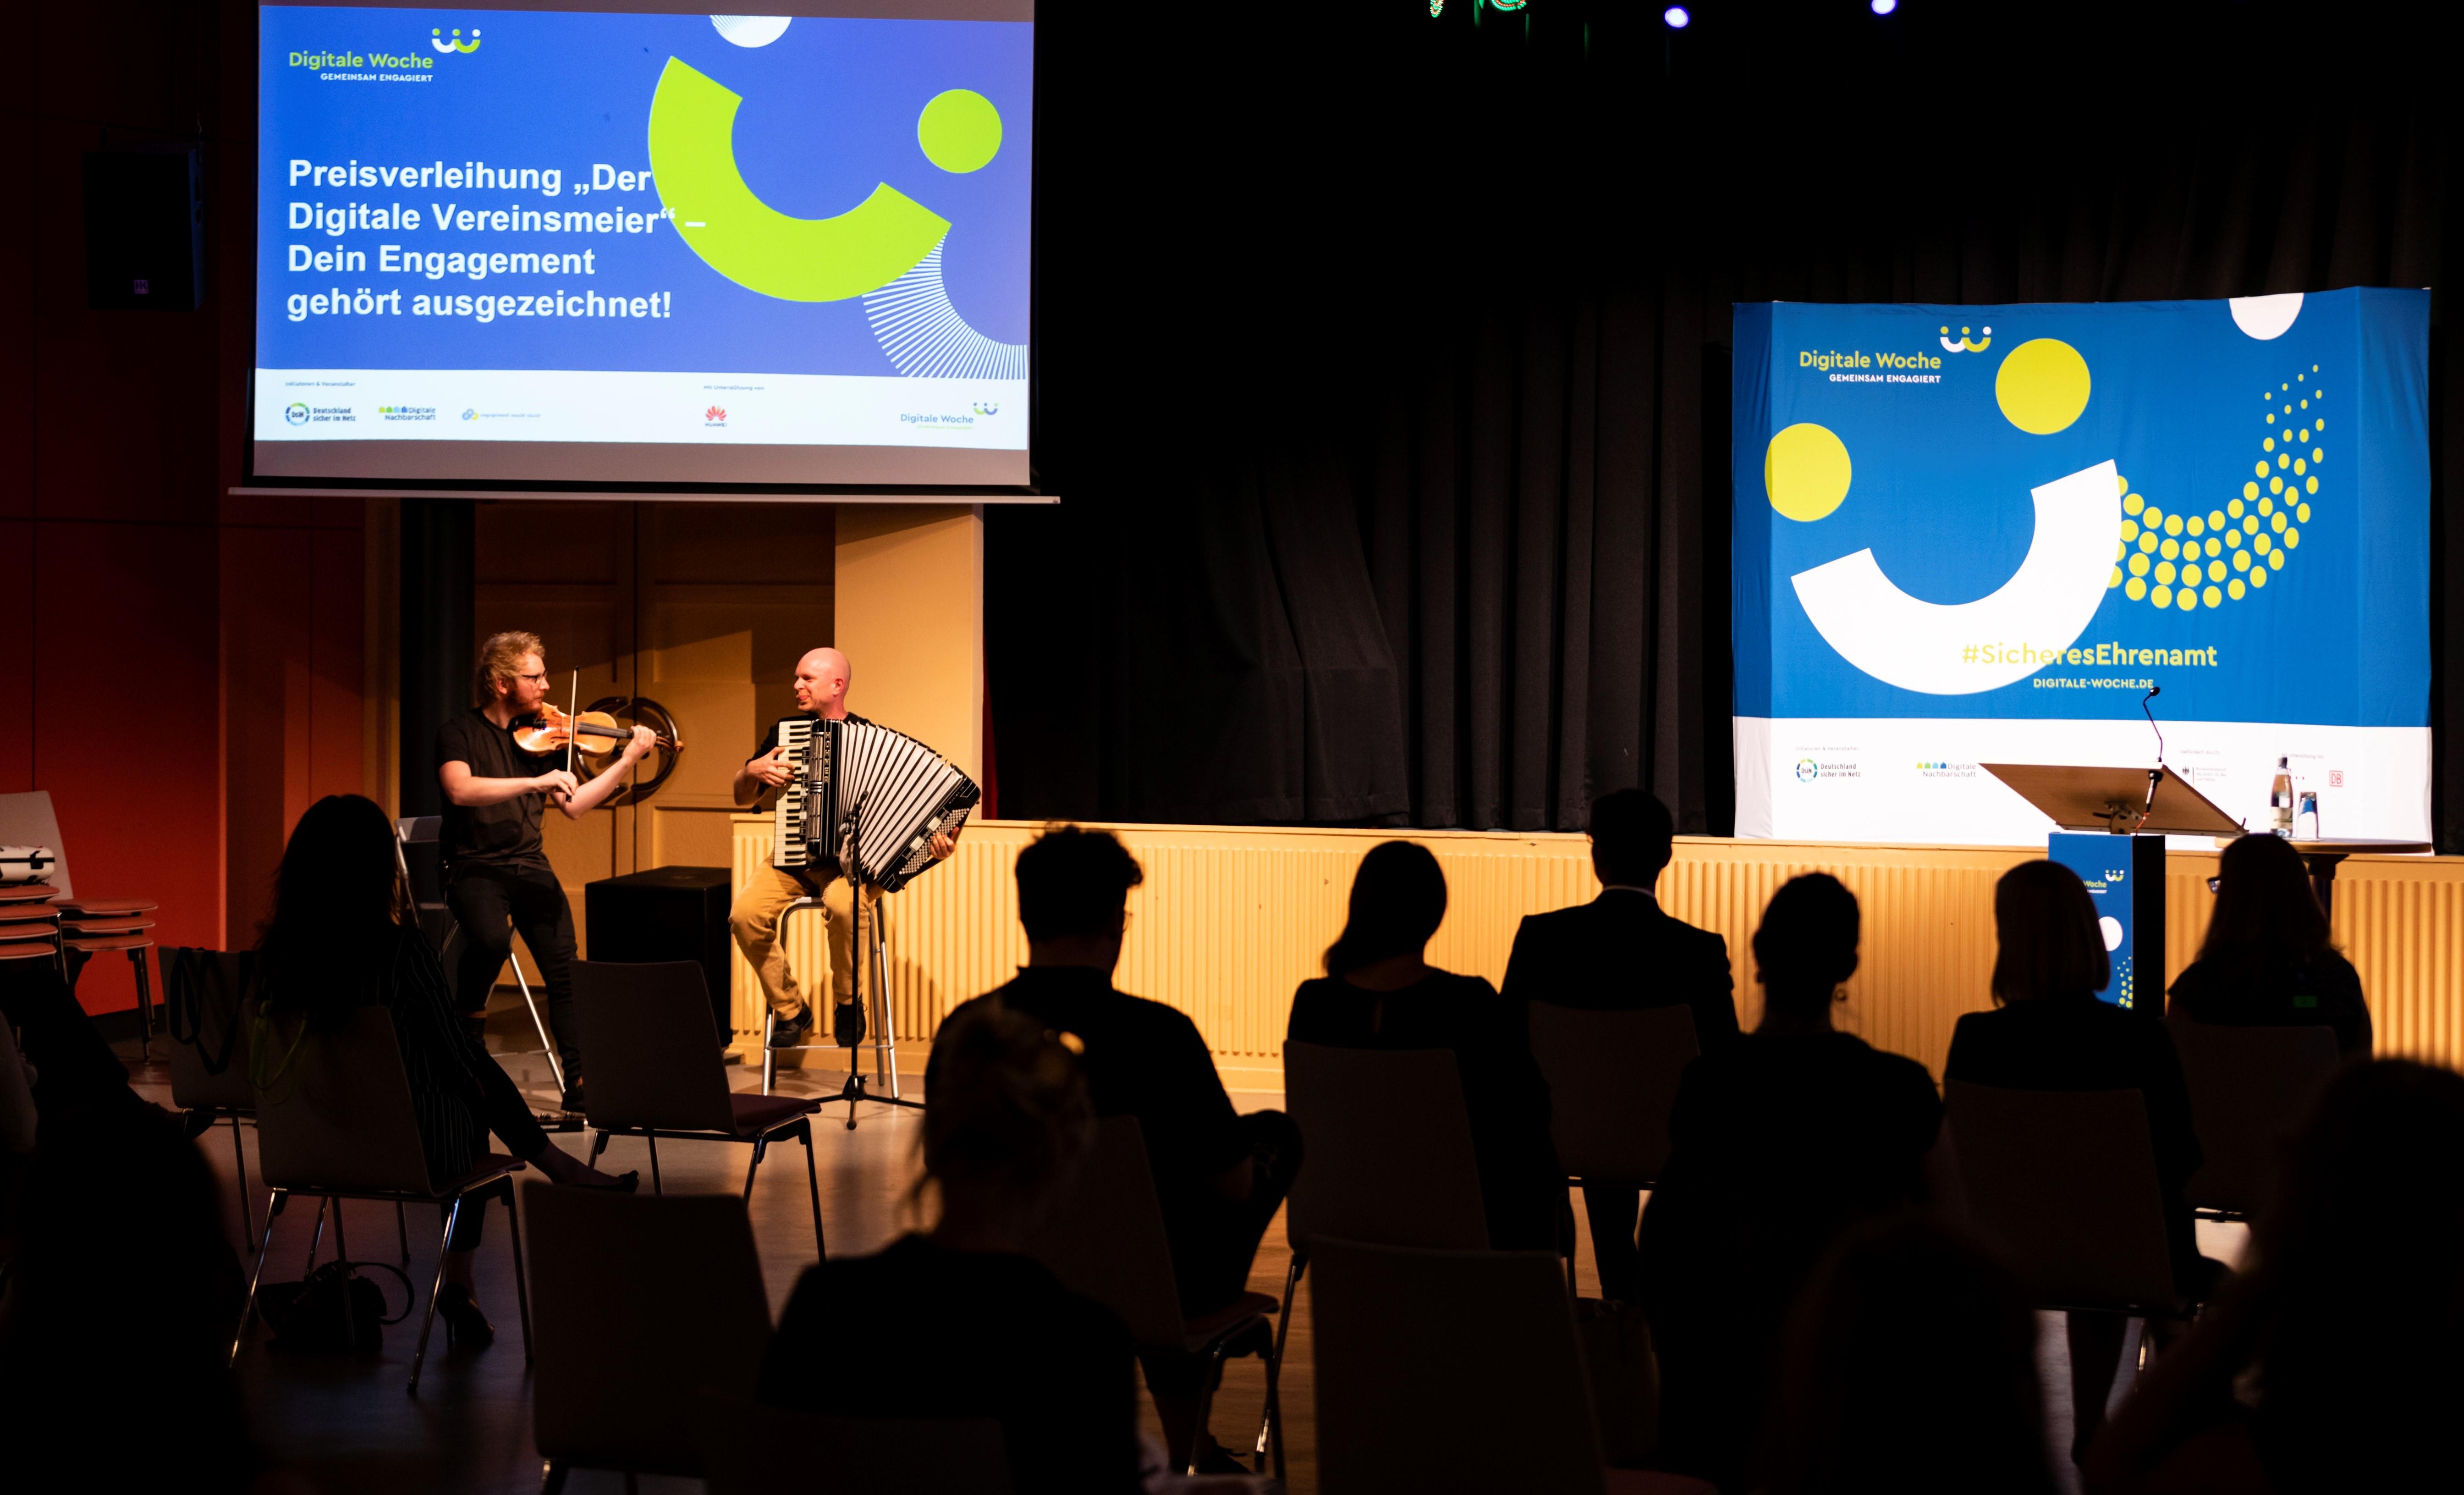 Blick zur Bühne bei der Preisvergabe des Digitalen Vereinsmeiers